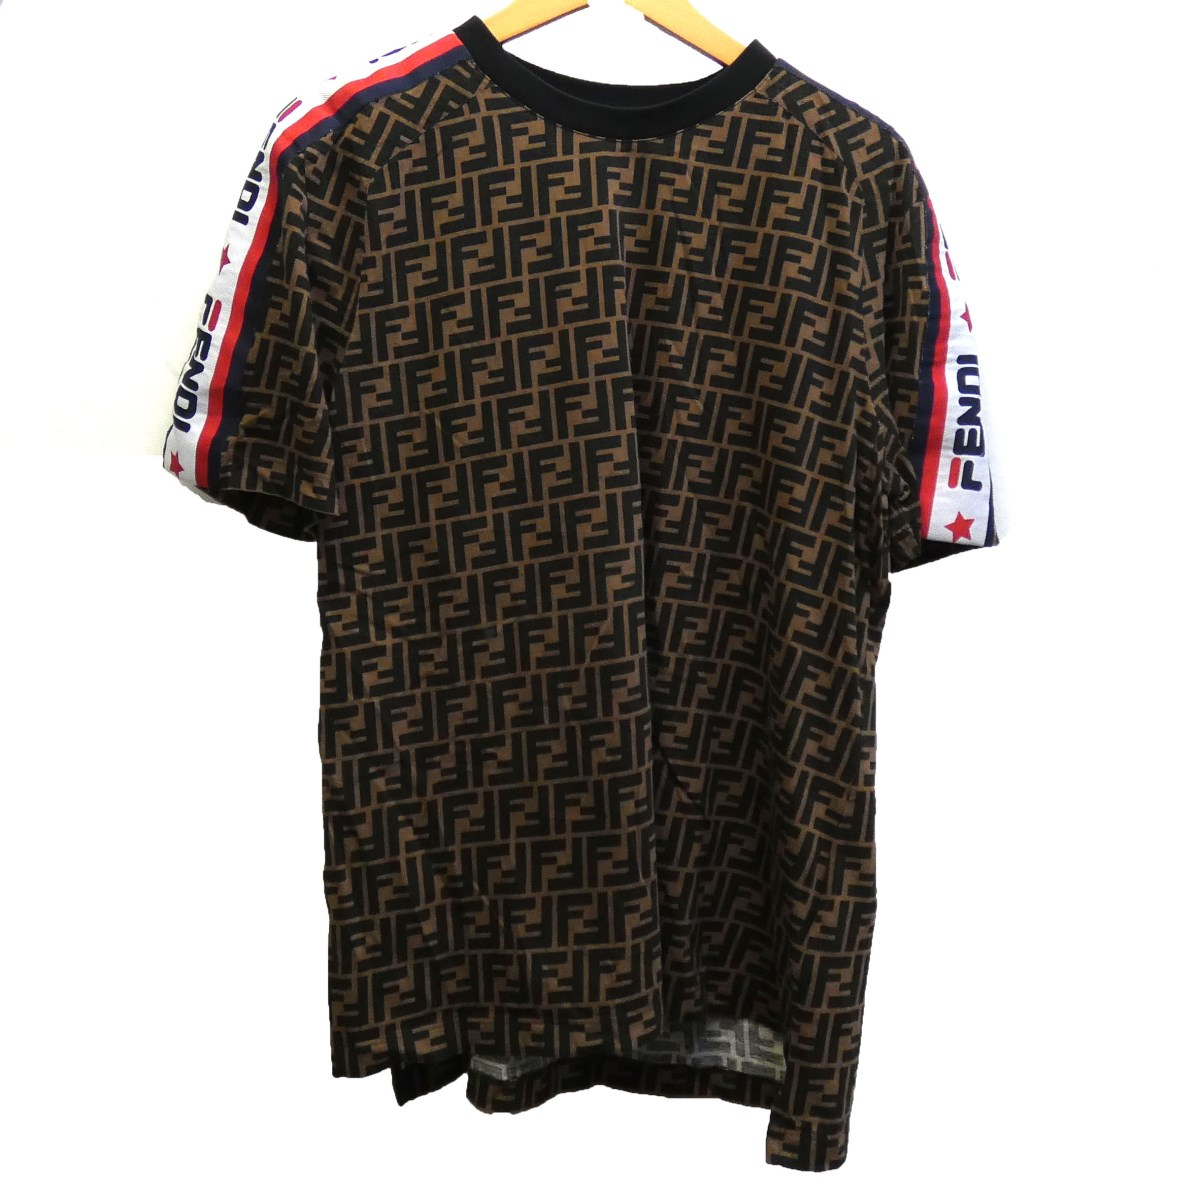 【中古】FENDI × FILA18AW ロゴラインズッカTシャツ ブラウン サイズ:M